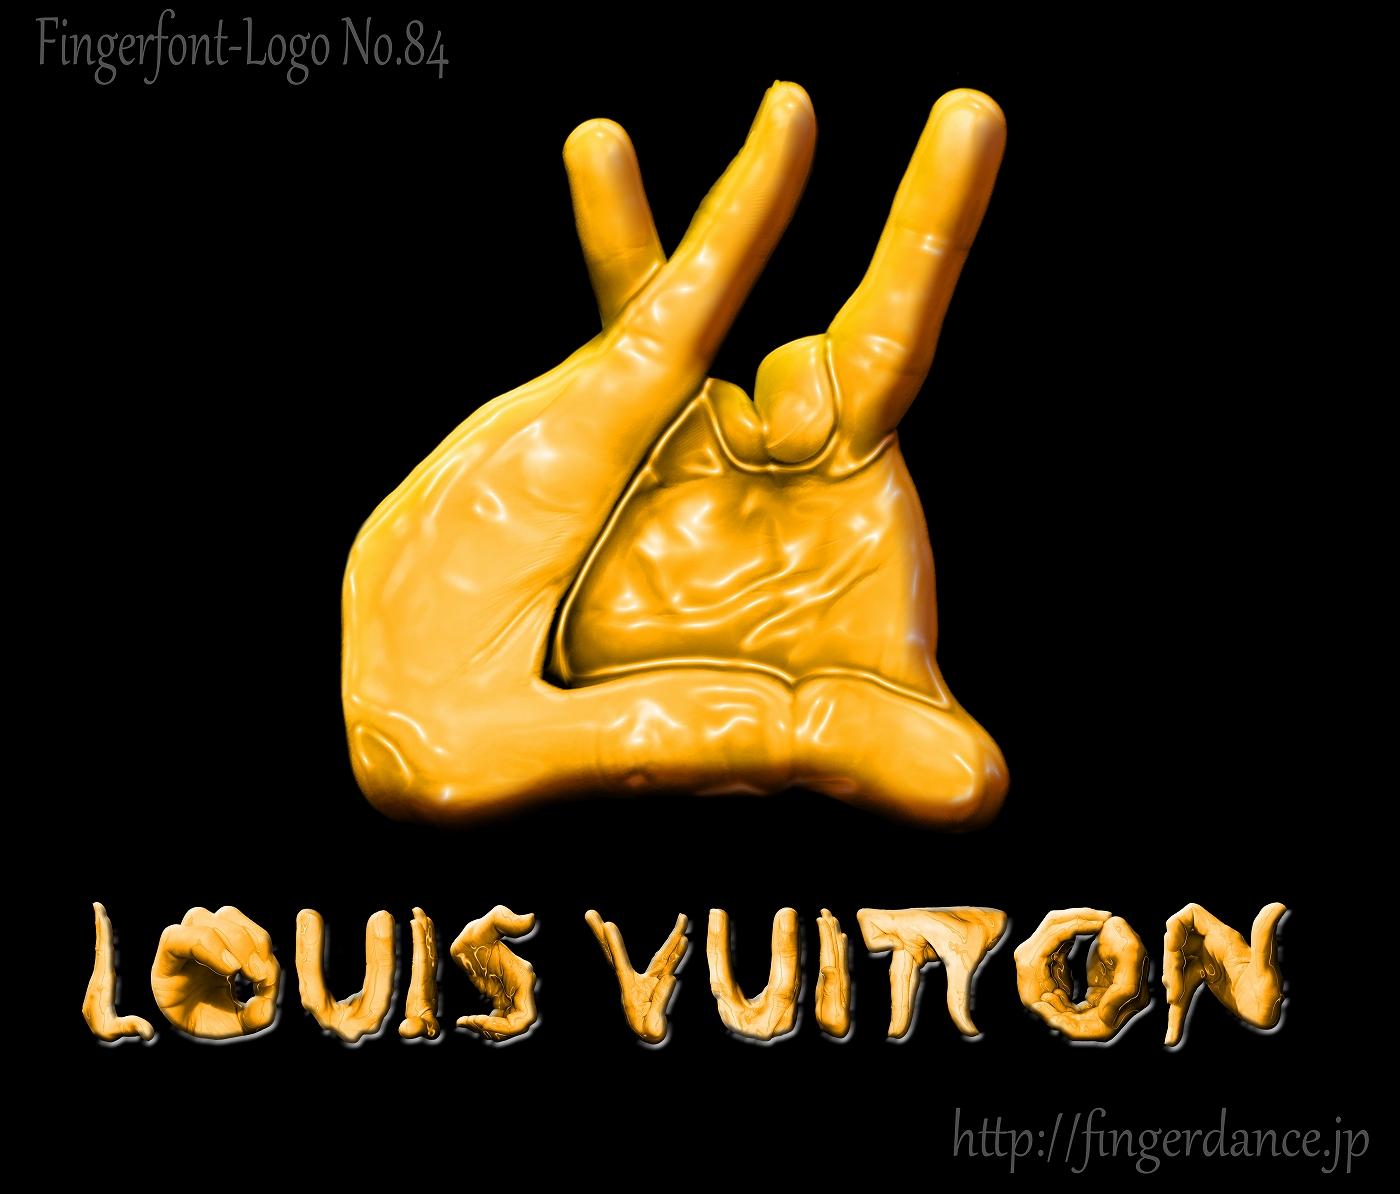 LouisVuitton-ルイヴィトン・フィンガーロゴハンド手指